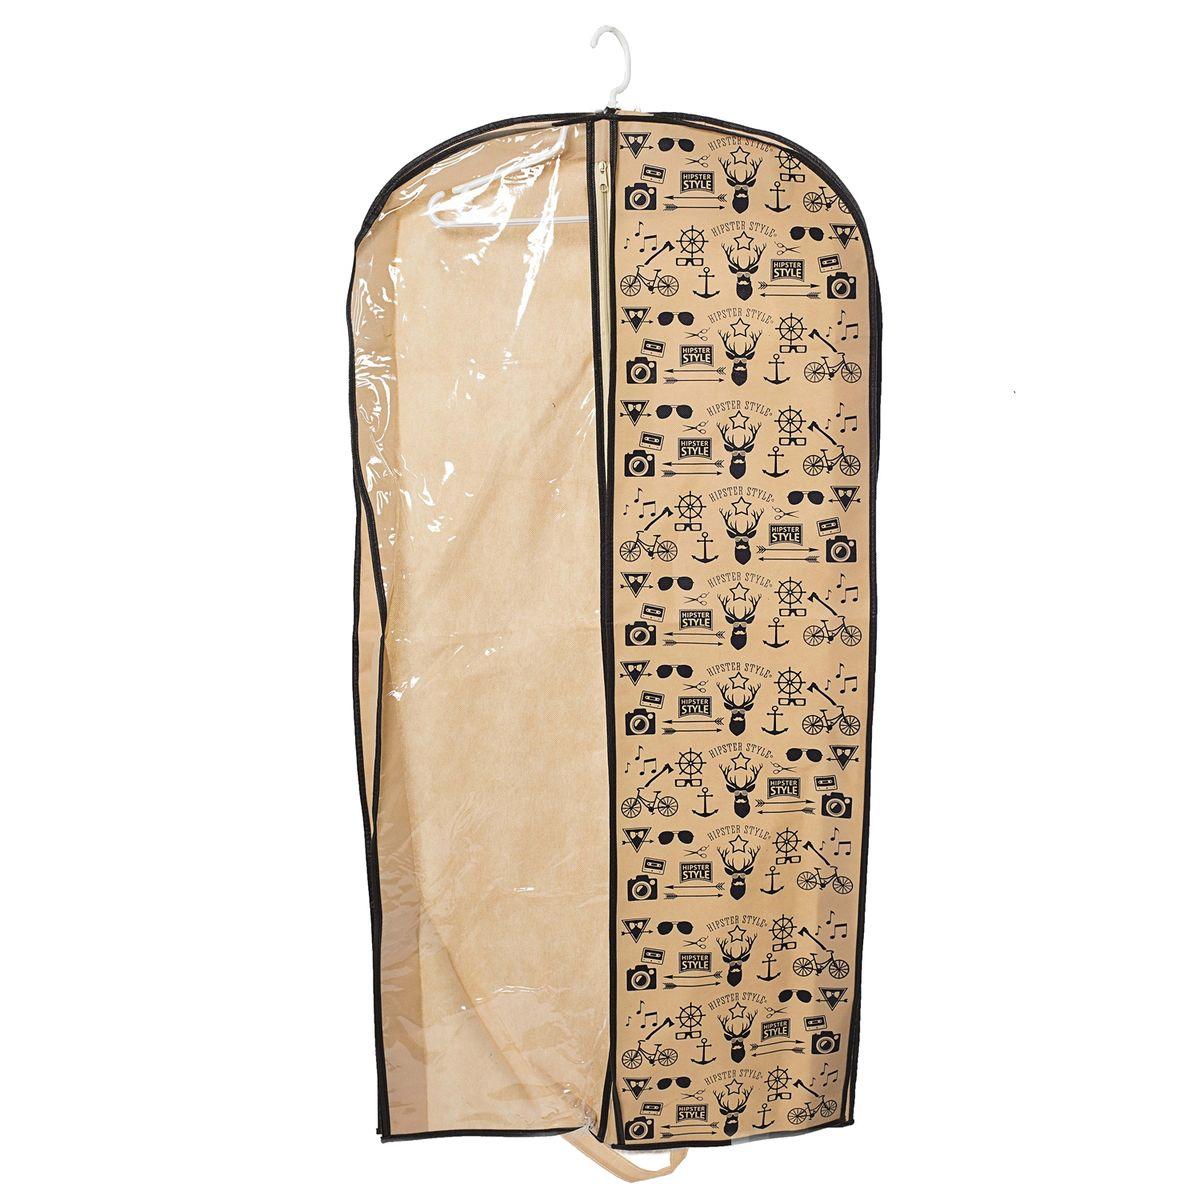 Чехол для одежды Homsu Hipster Style, подвесной, с прозрачной вставкой, 120 x 60 x 10 смHOM-202Подвесной чехол для одежды Homsu Hipster Style на застежке-молнии выполнен из высококачественного нетканого материала. Чехол снабжен прозрачной вставкой из ПВХ, что позволяет легко просматривать содержимое. Изделие подходит для длительного хранения вещей. Чехол обеспечит вашей одежде надежную защиту от влажности, повреждений и грязи при транспортировке, от запыления при хранении и проникновения моли. Чехол позволяет воздуху свободно поступать внутрь вещей, обеспечивая их кондиционирование. Это особенно важно при хранении кожаных и меховых изделий. Чехол для одежды Homsu Hipster Style создаст уютную атмосферу в гардеробе. Лаконичный дизайн придется по вкусу ценительницам эстетичного хранения и сделают вашу гардеробную изысканной и невероятно стильной. Размер чехла: 120 х 60 х 10 см.